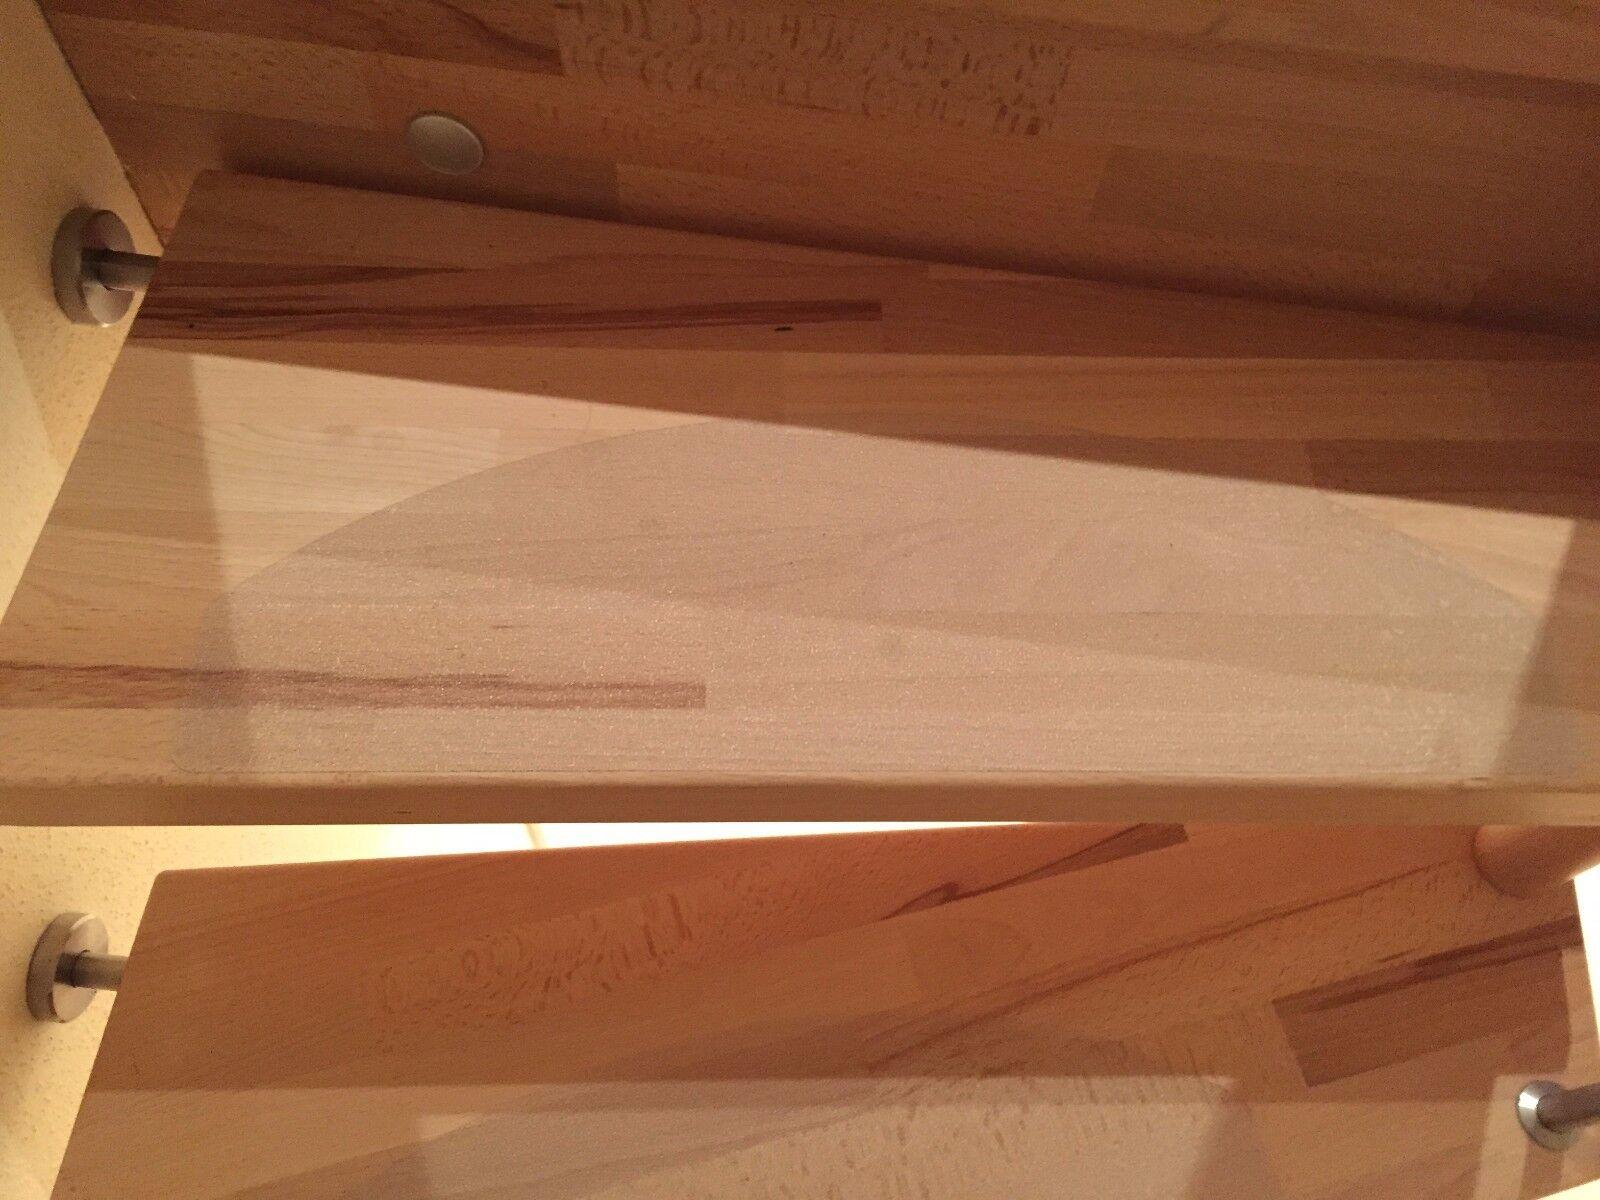 anti rutsch folie fein gek rnt raumspartreppe dachbodentreppe spartreppe stufen kaufen bei kay. Black Bedroom Furniture Sets. Home Design Ideas